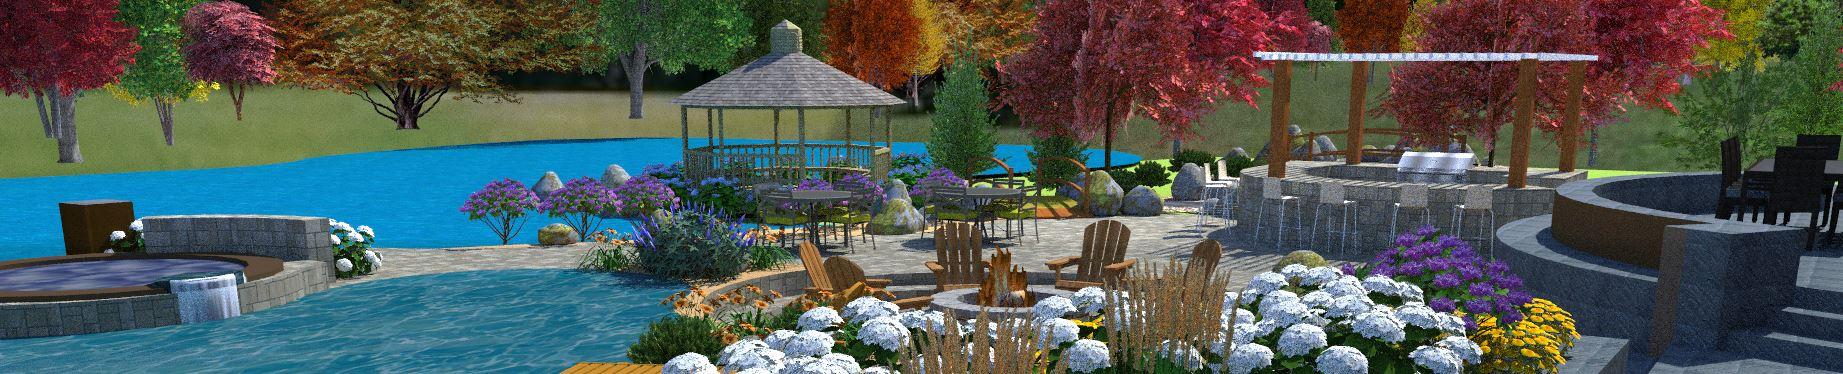 Rocklin CA landscape designer for pool designs